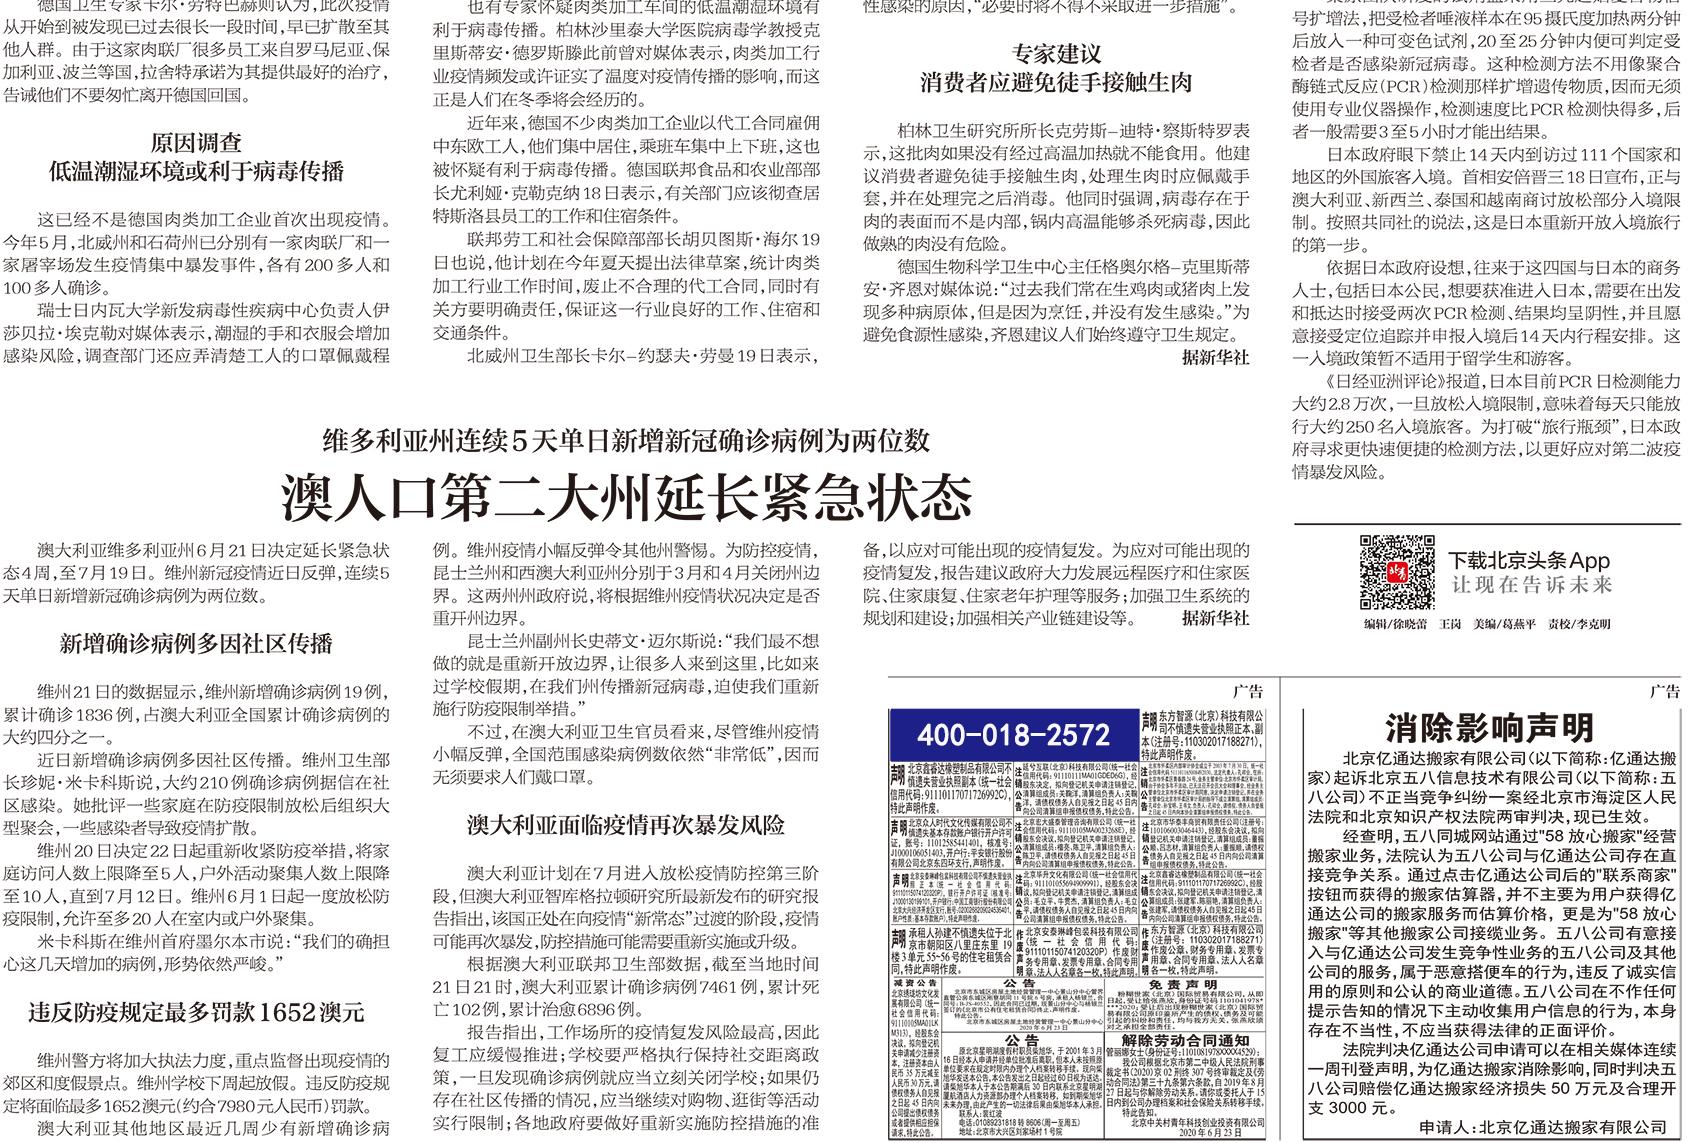 北京青年报挂失登报